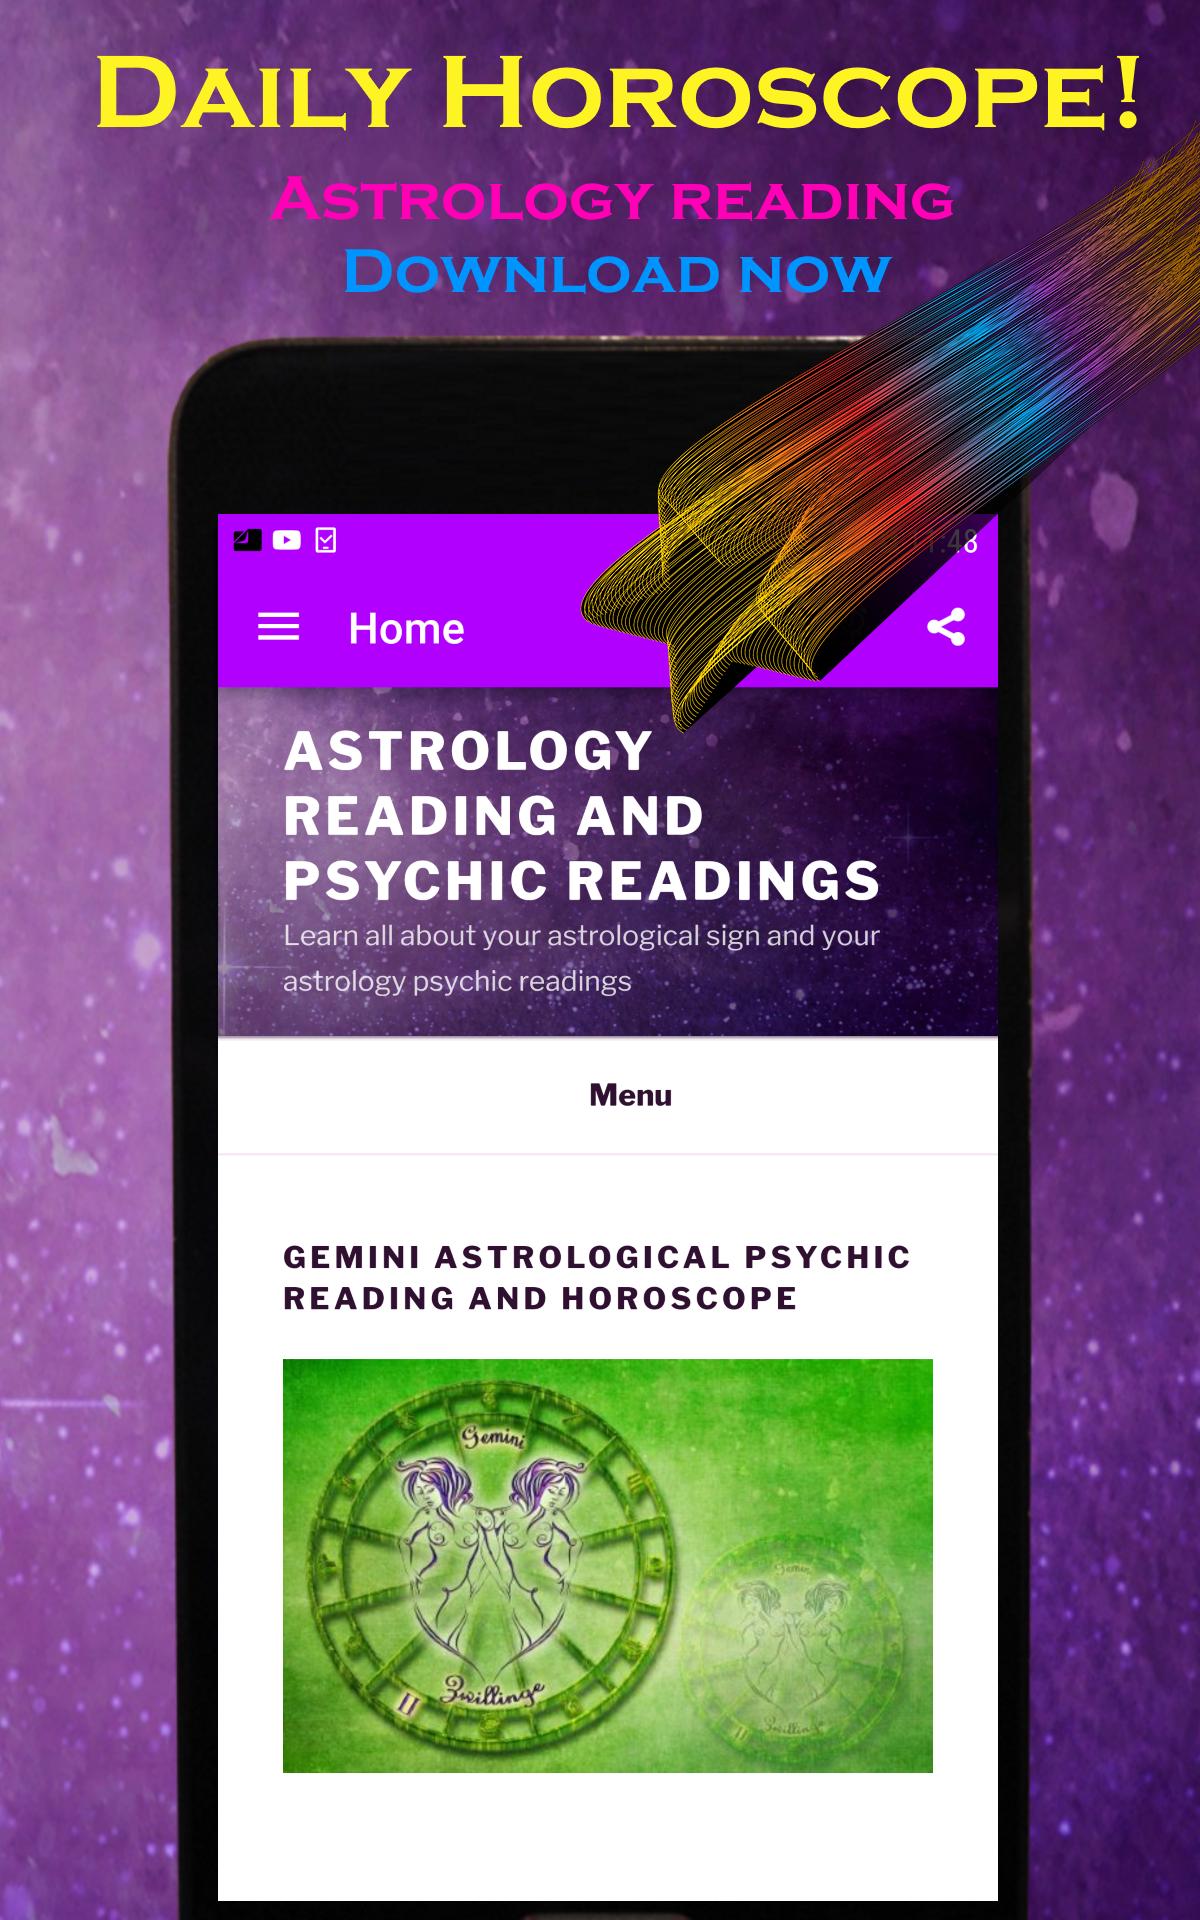 gemini daily horoscope reading